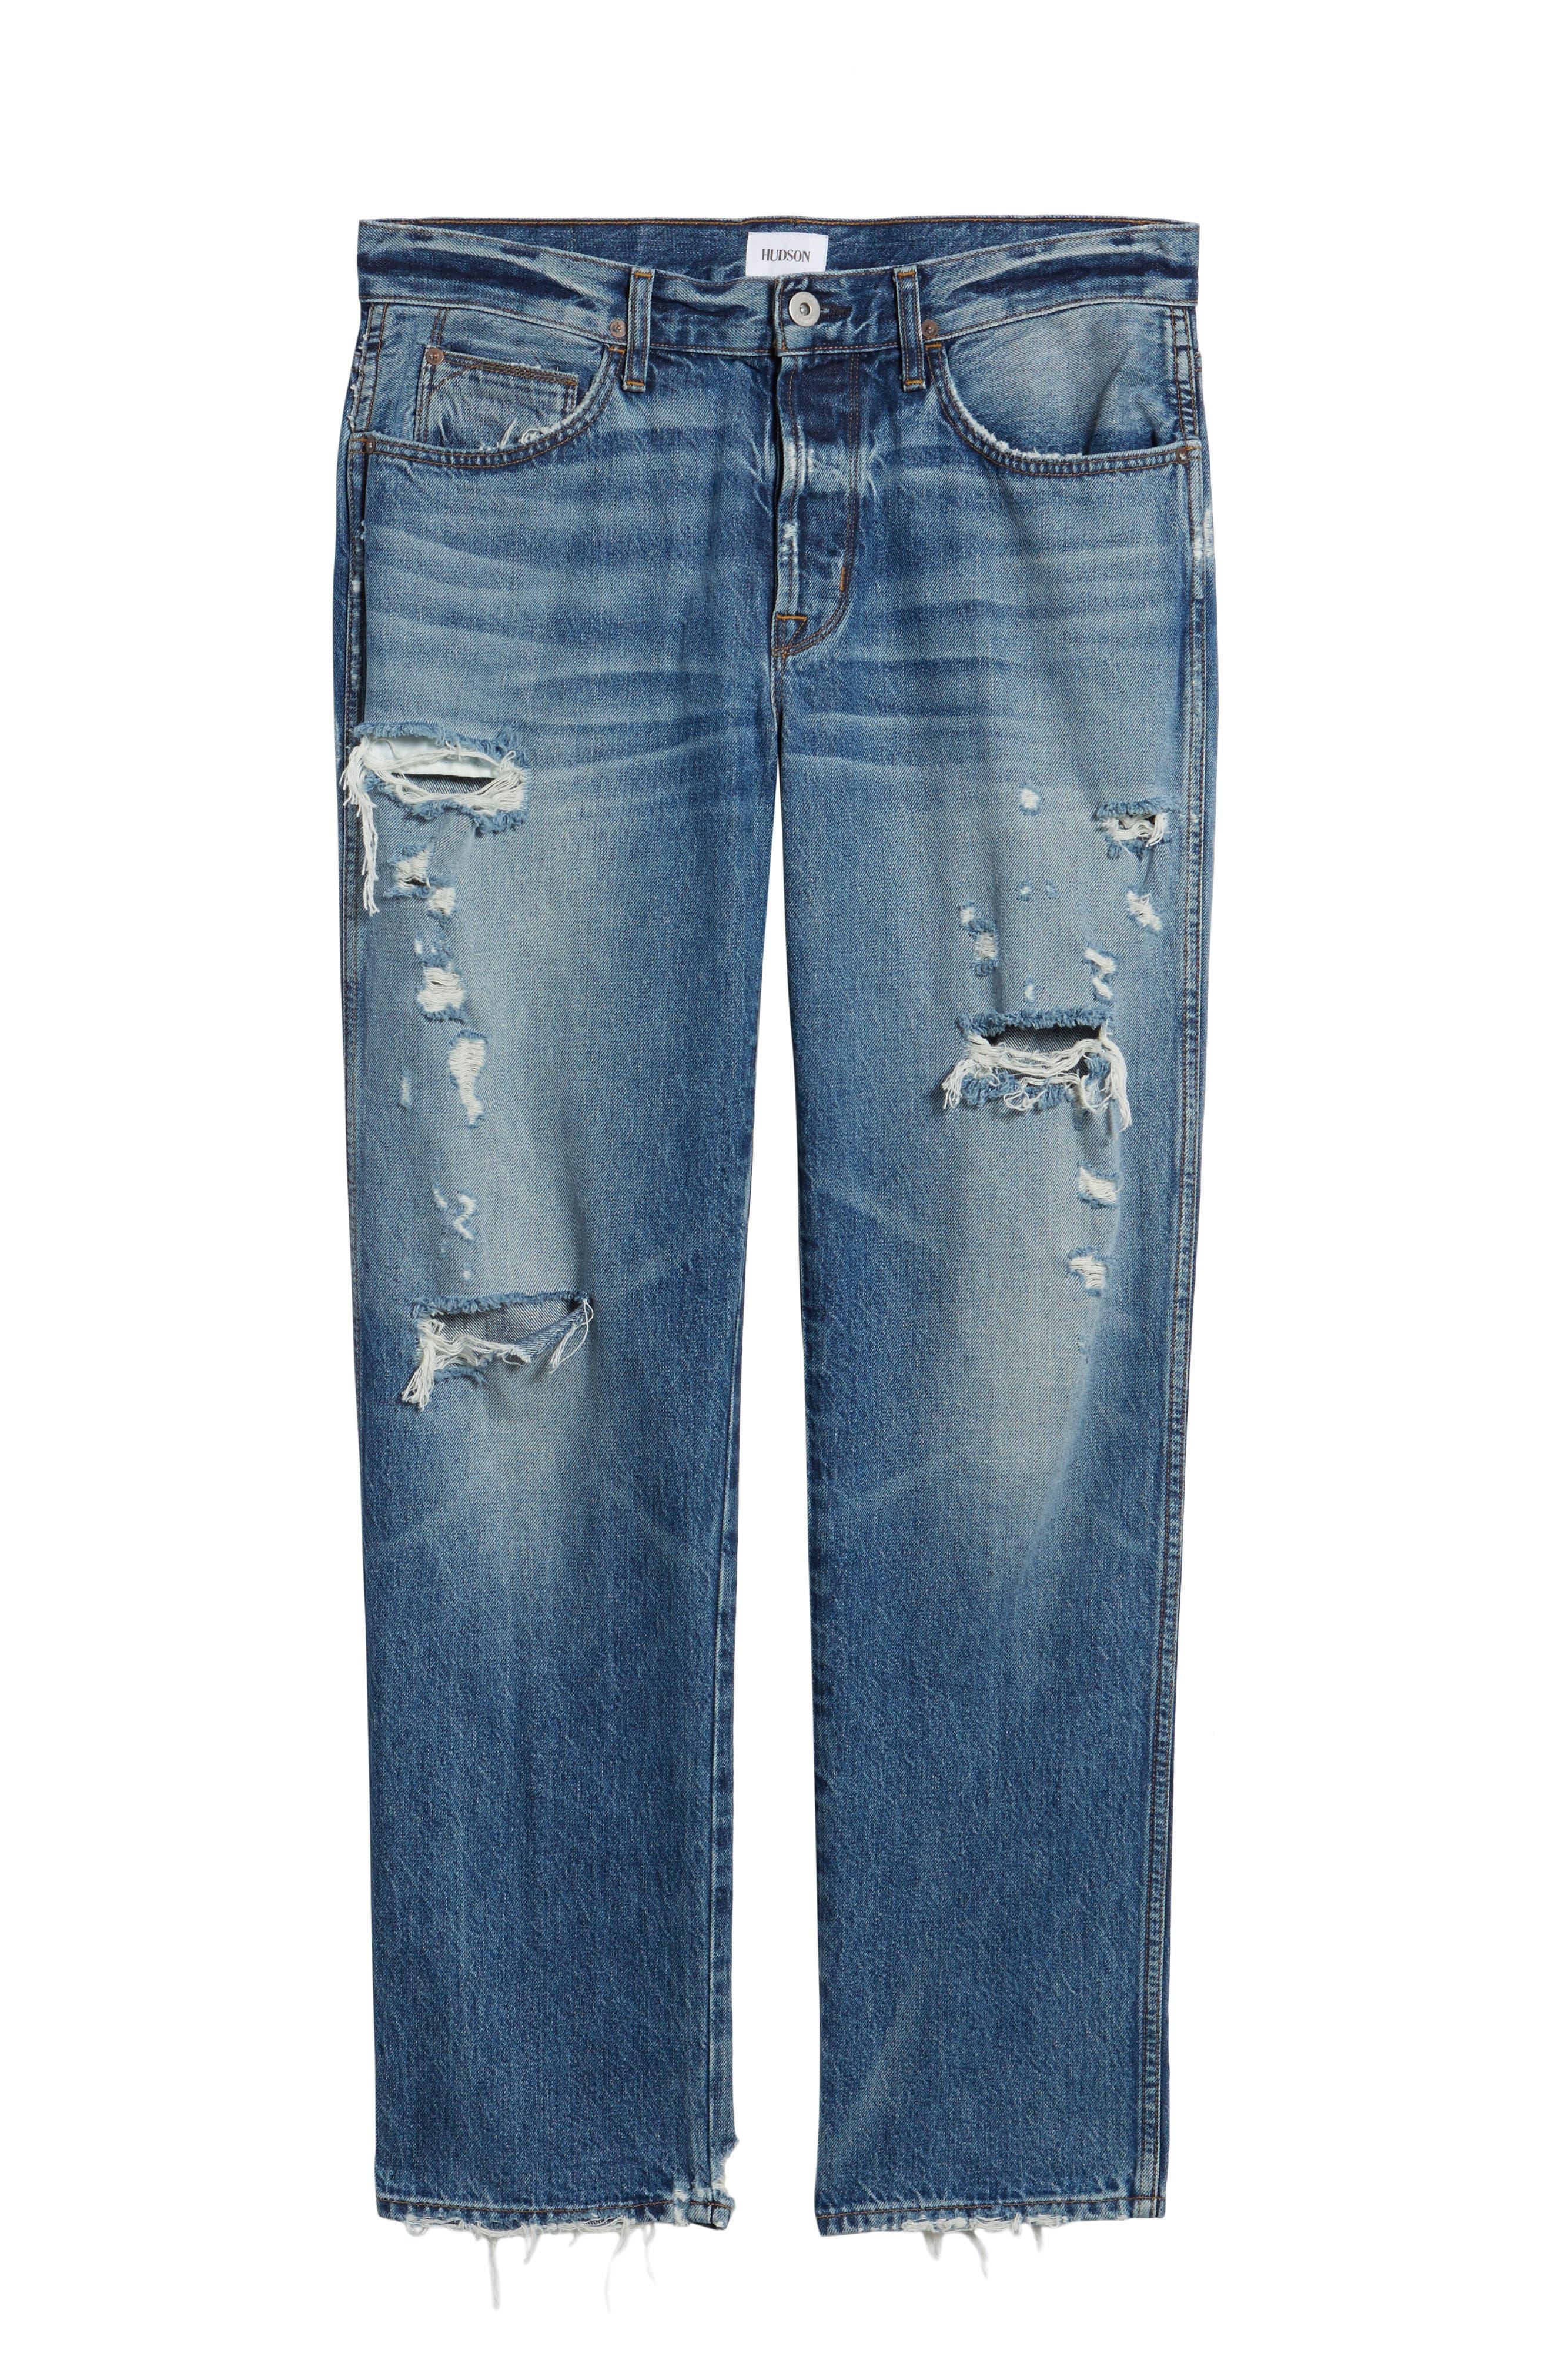 Dixon Straight Fit Jeans,                             Alternate thumbnail 6, color,                             450